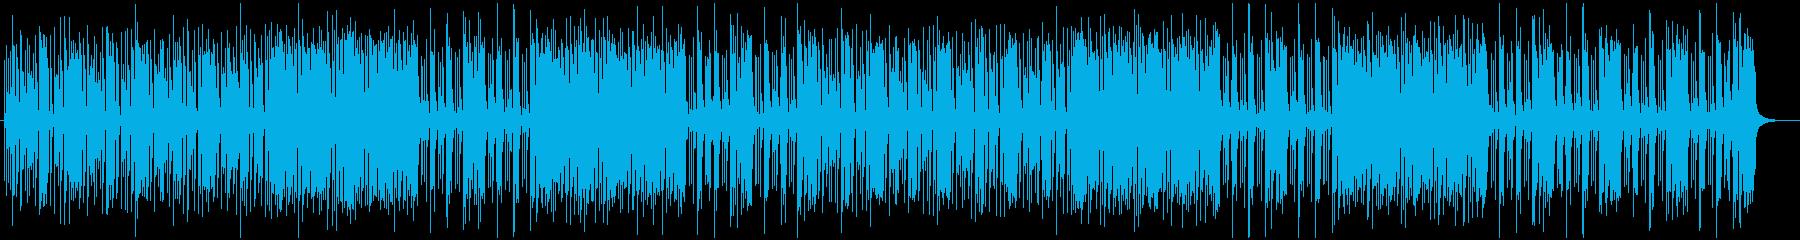 瞬発力のあるブルースロック調ポップスの再生済みの波形